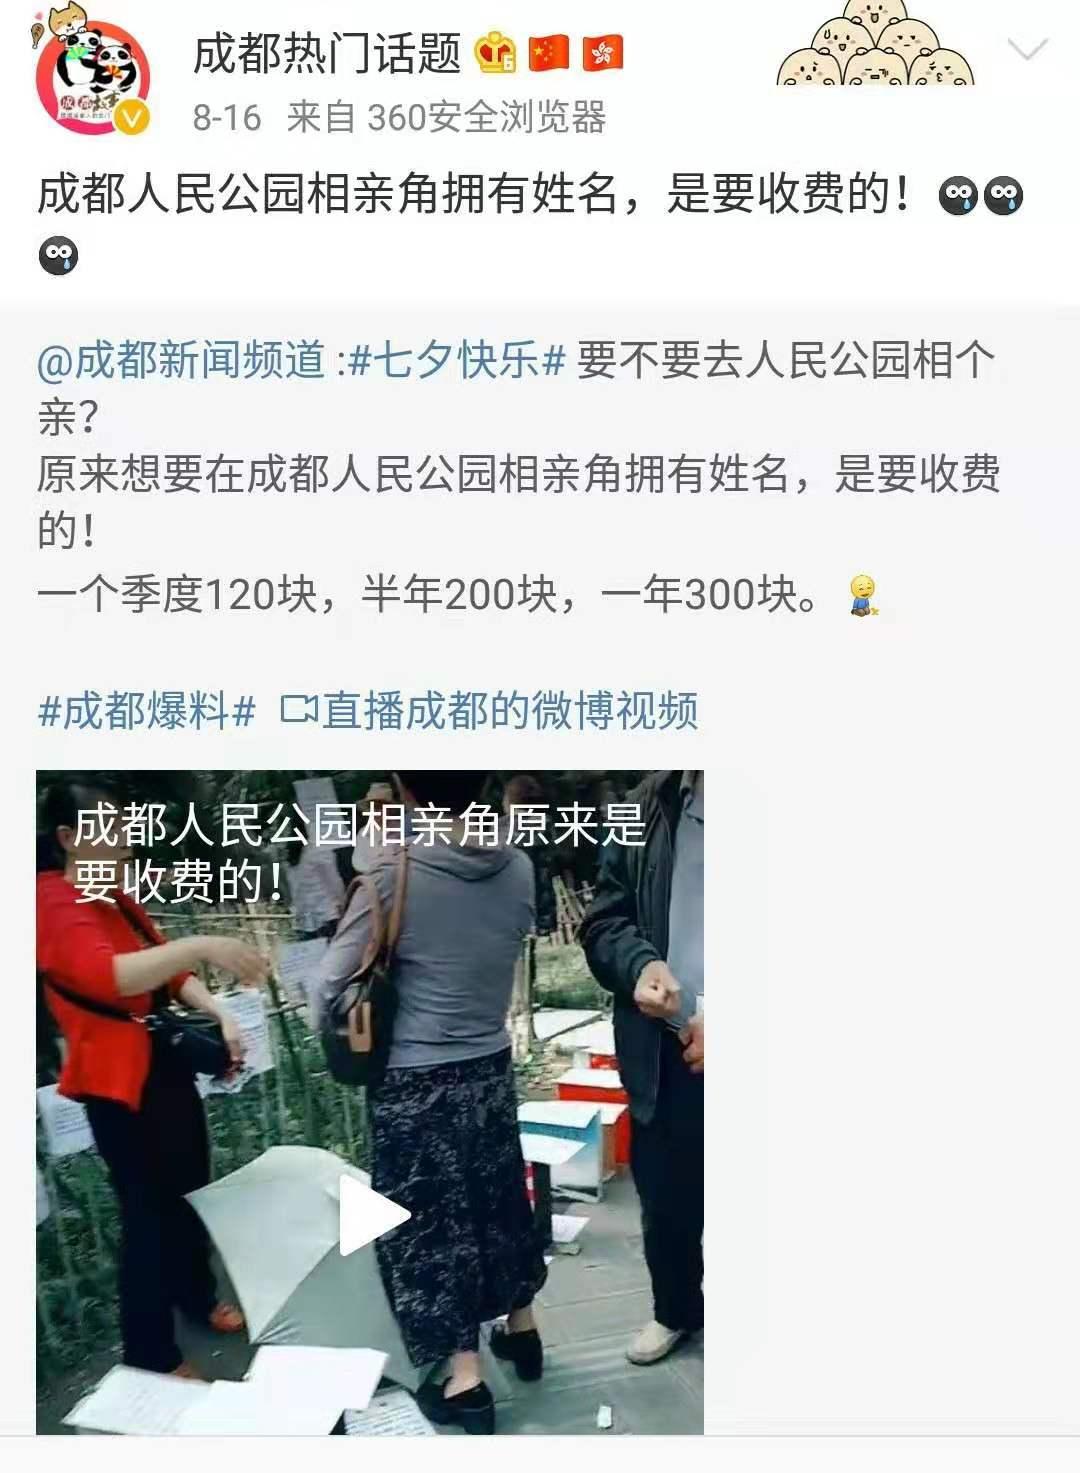 Shibor是什么全称叫什么 上海银行间同业拆放利率每天几点公布